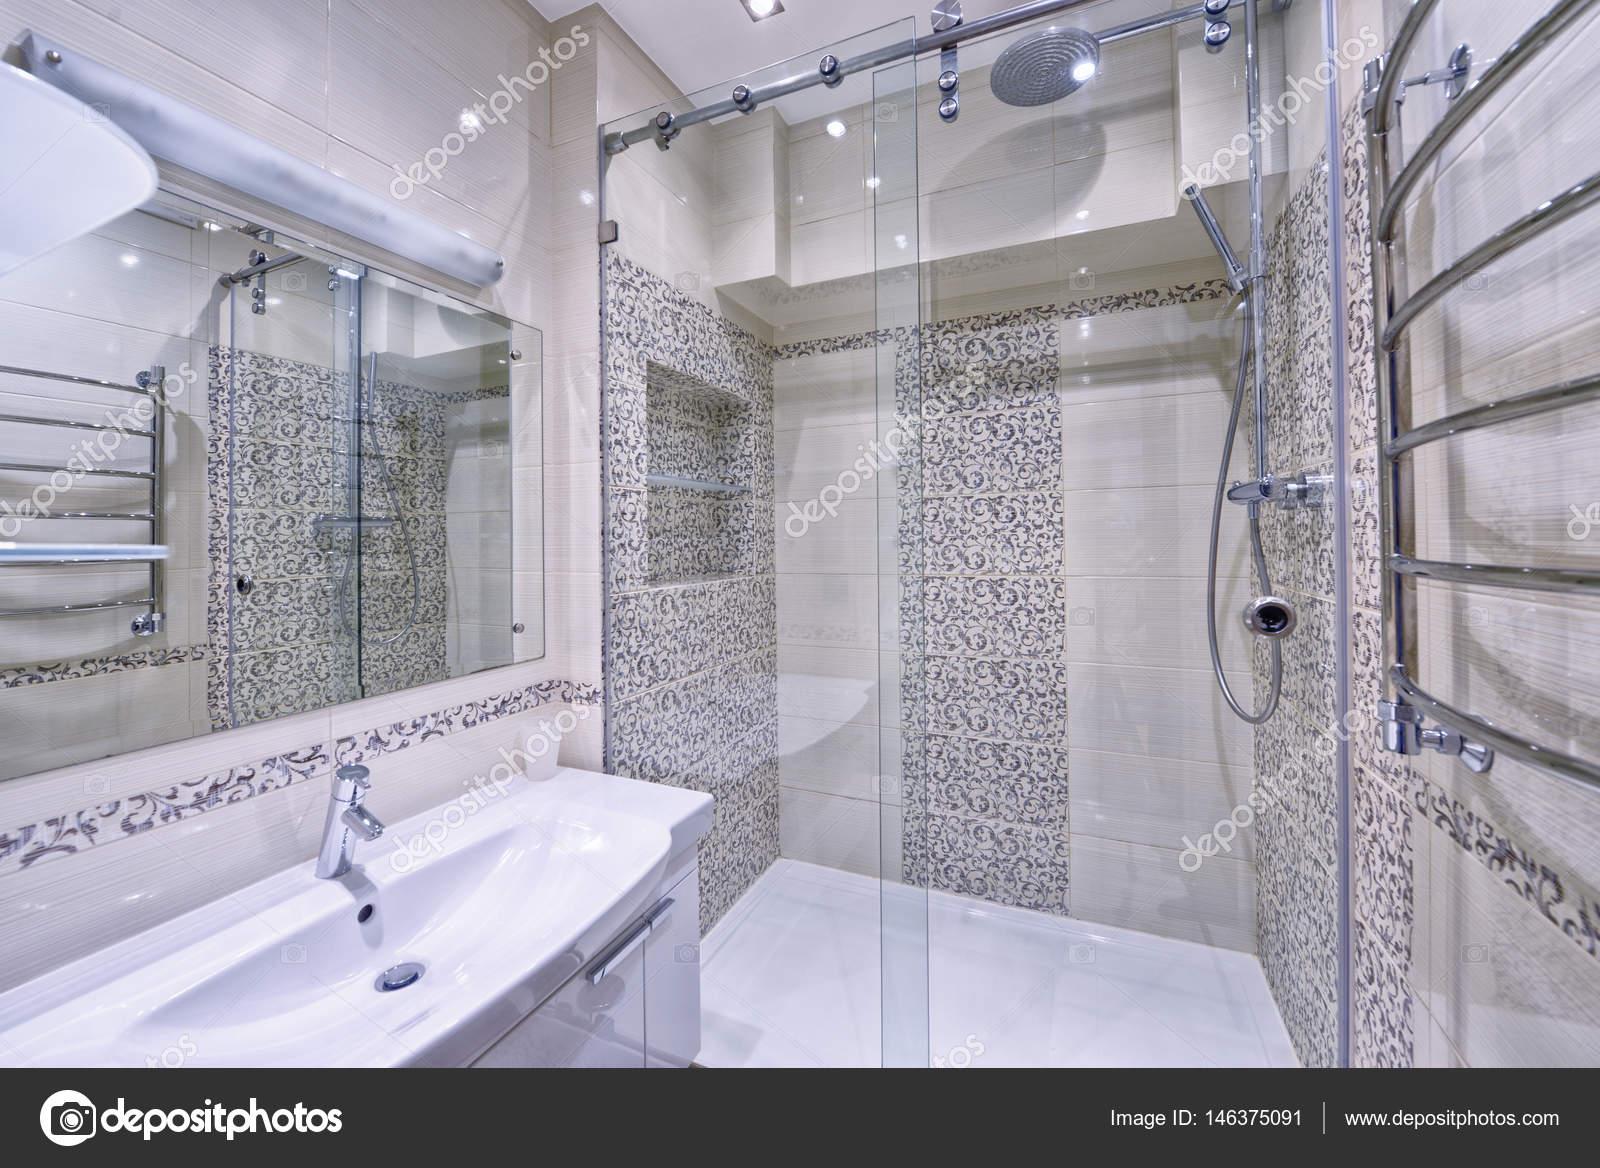 het interieur van de badkamer — Stockfoto © ovchinnikovfoto #146375091